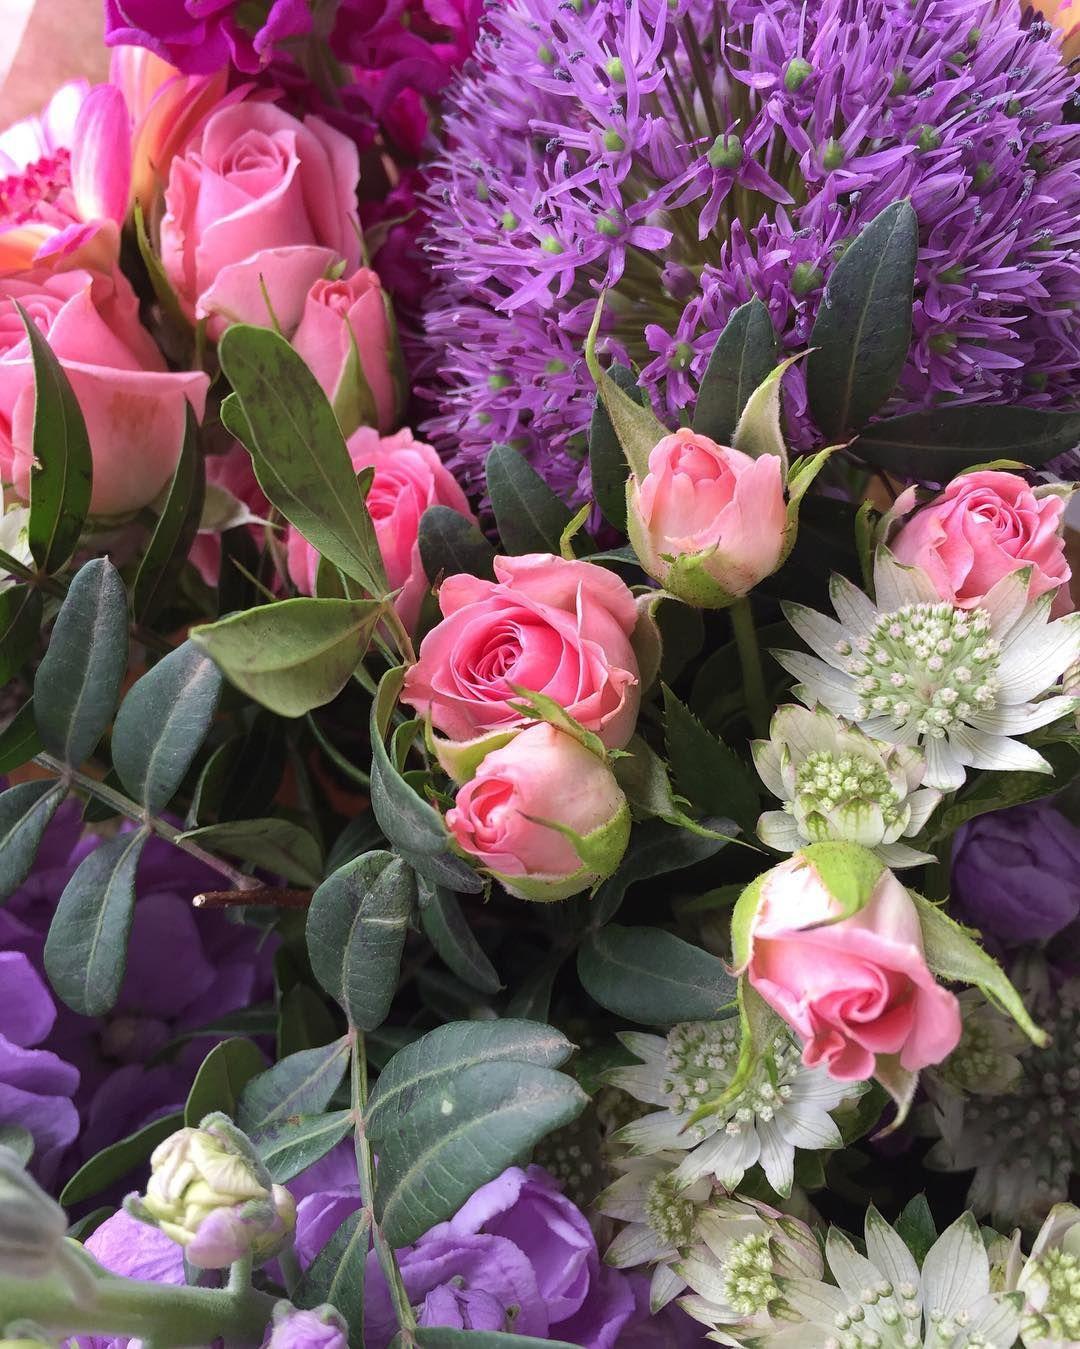 Beautiful bouquet of flowers for my mother in laws birthday flowers beautiful bouquet of flowers for my mother in laws birthday flowers bouquet flowersofinstagram izmirmasajfo